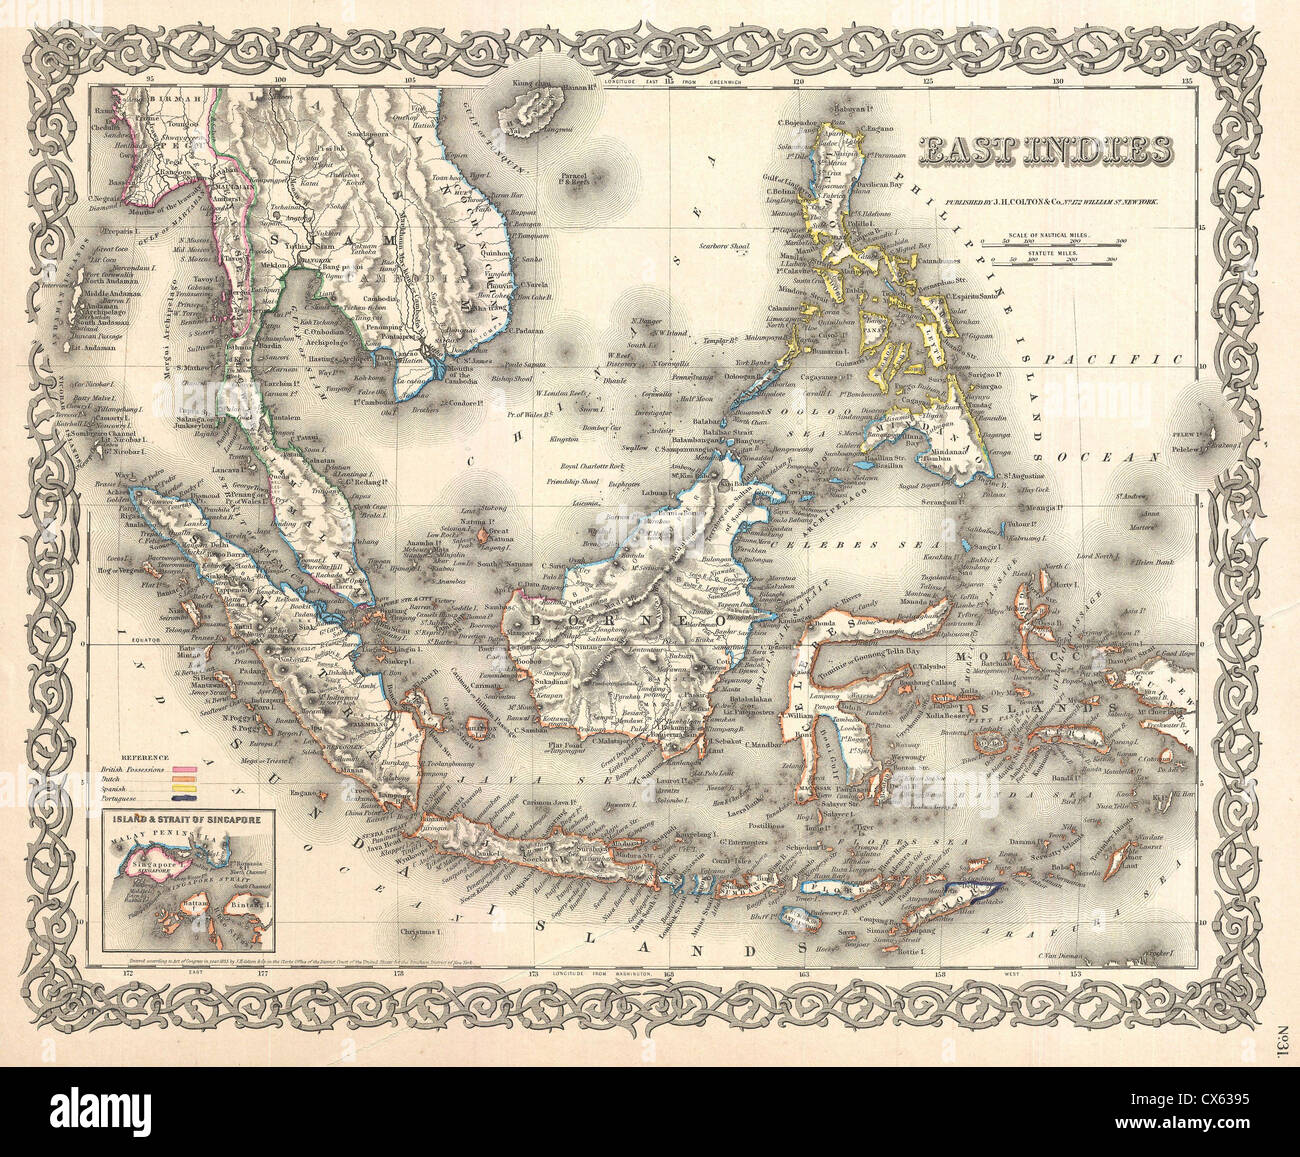 Singapore Map Stock Photos & Singapore Map Stock Images - Alamy